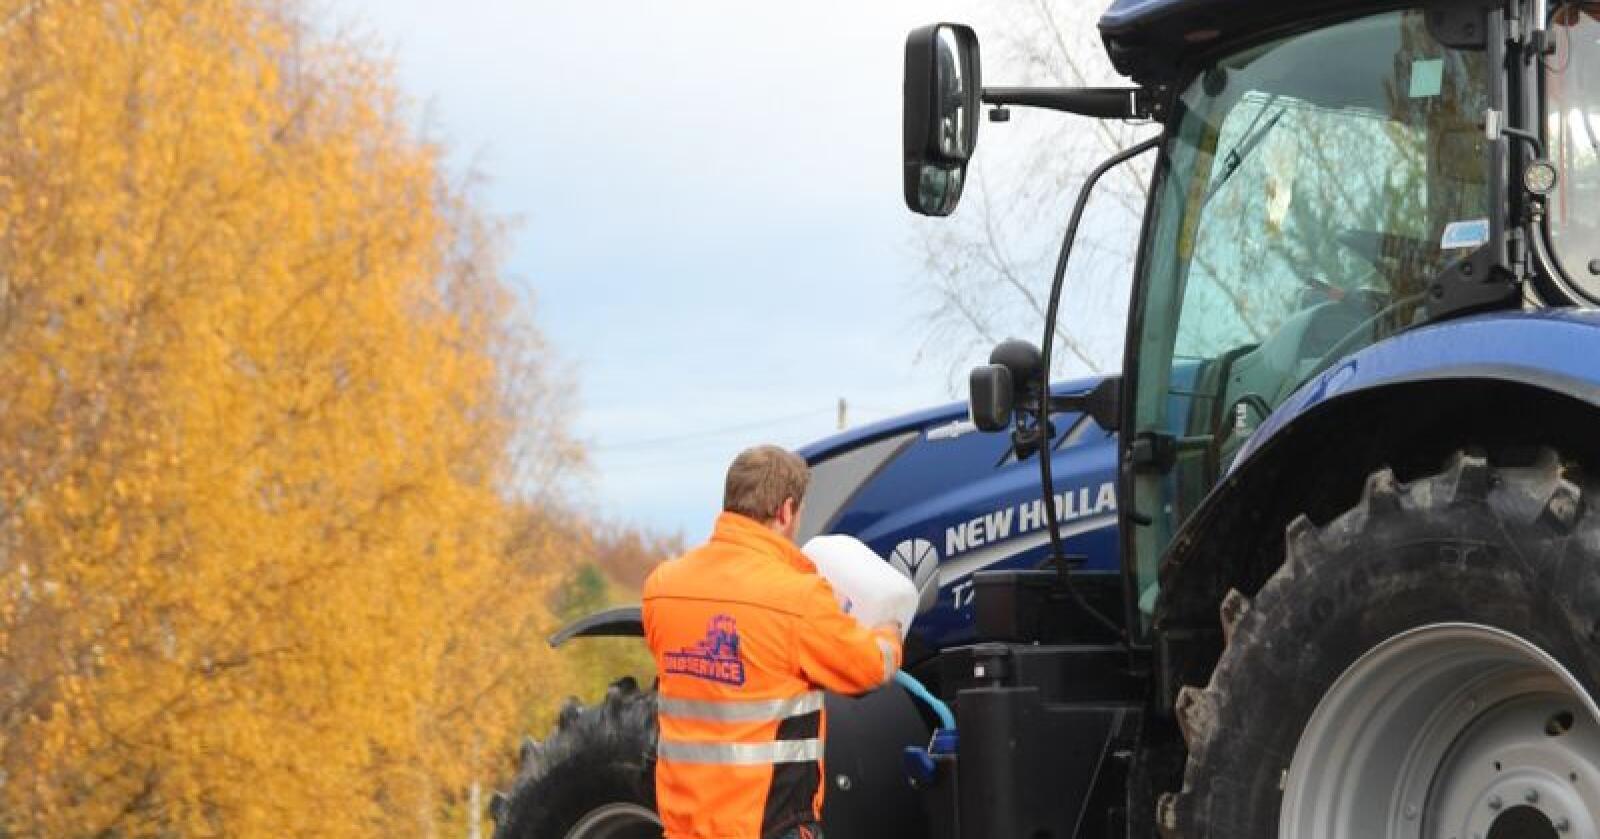 Regjeringa foreslår å øke avgiftene på diesel, i statsbudsjettet for 2020. Arkivfoto: Norsk Landbruk